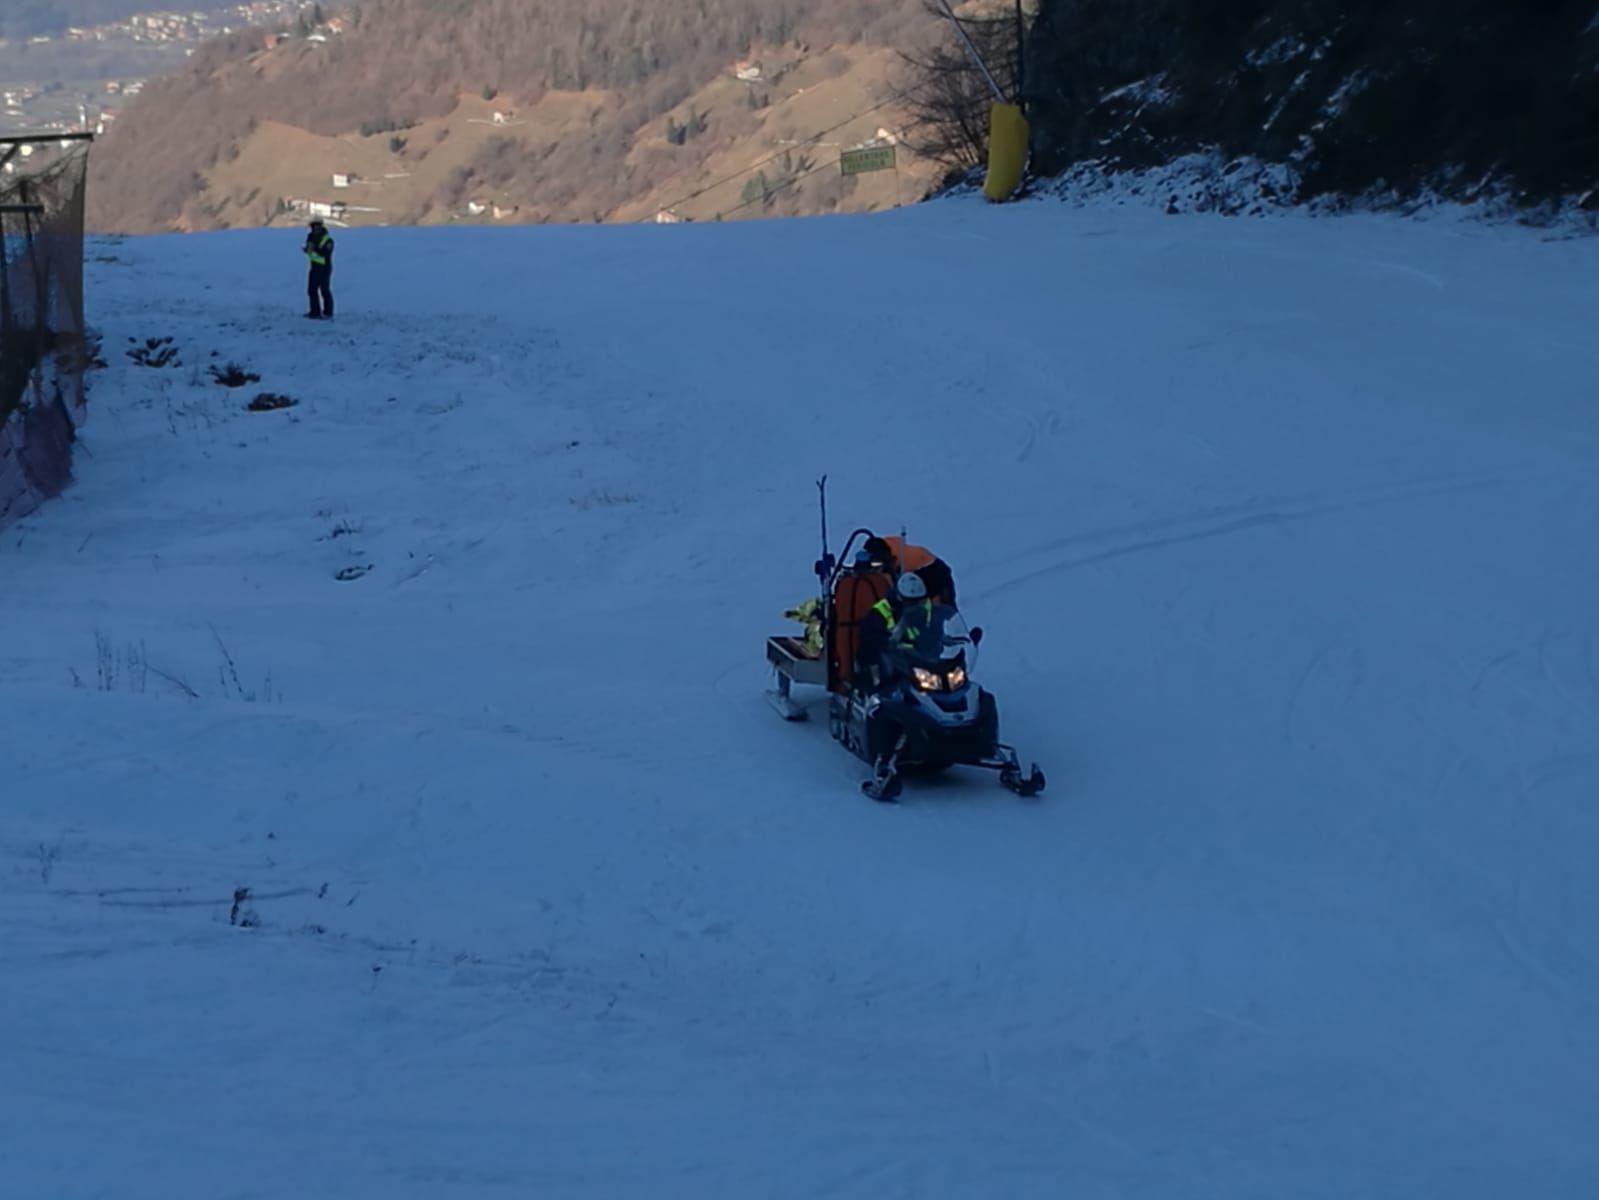 Montecampione, 17enne finisce fuori pista. Soccorsa dai poliziotti sugli sci